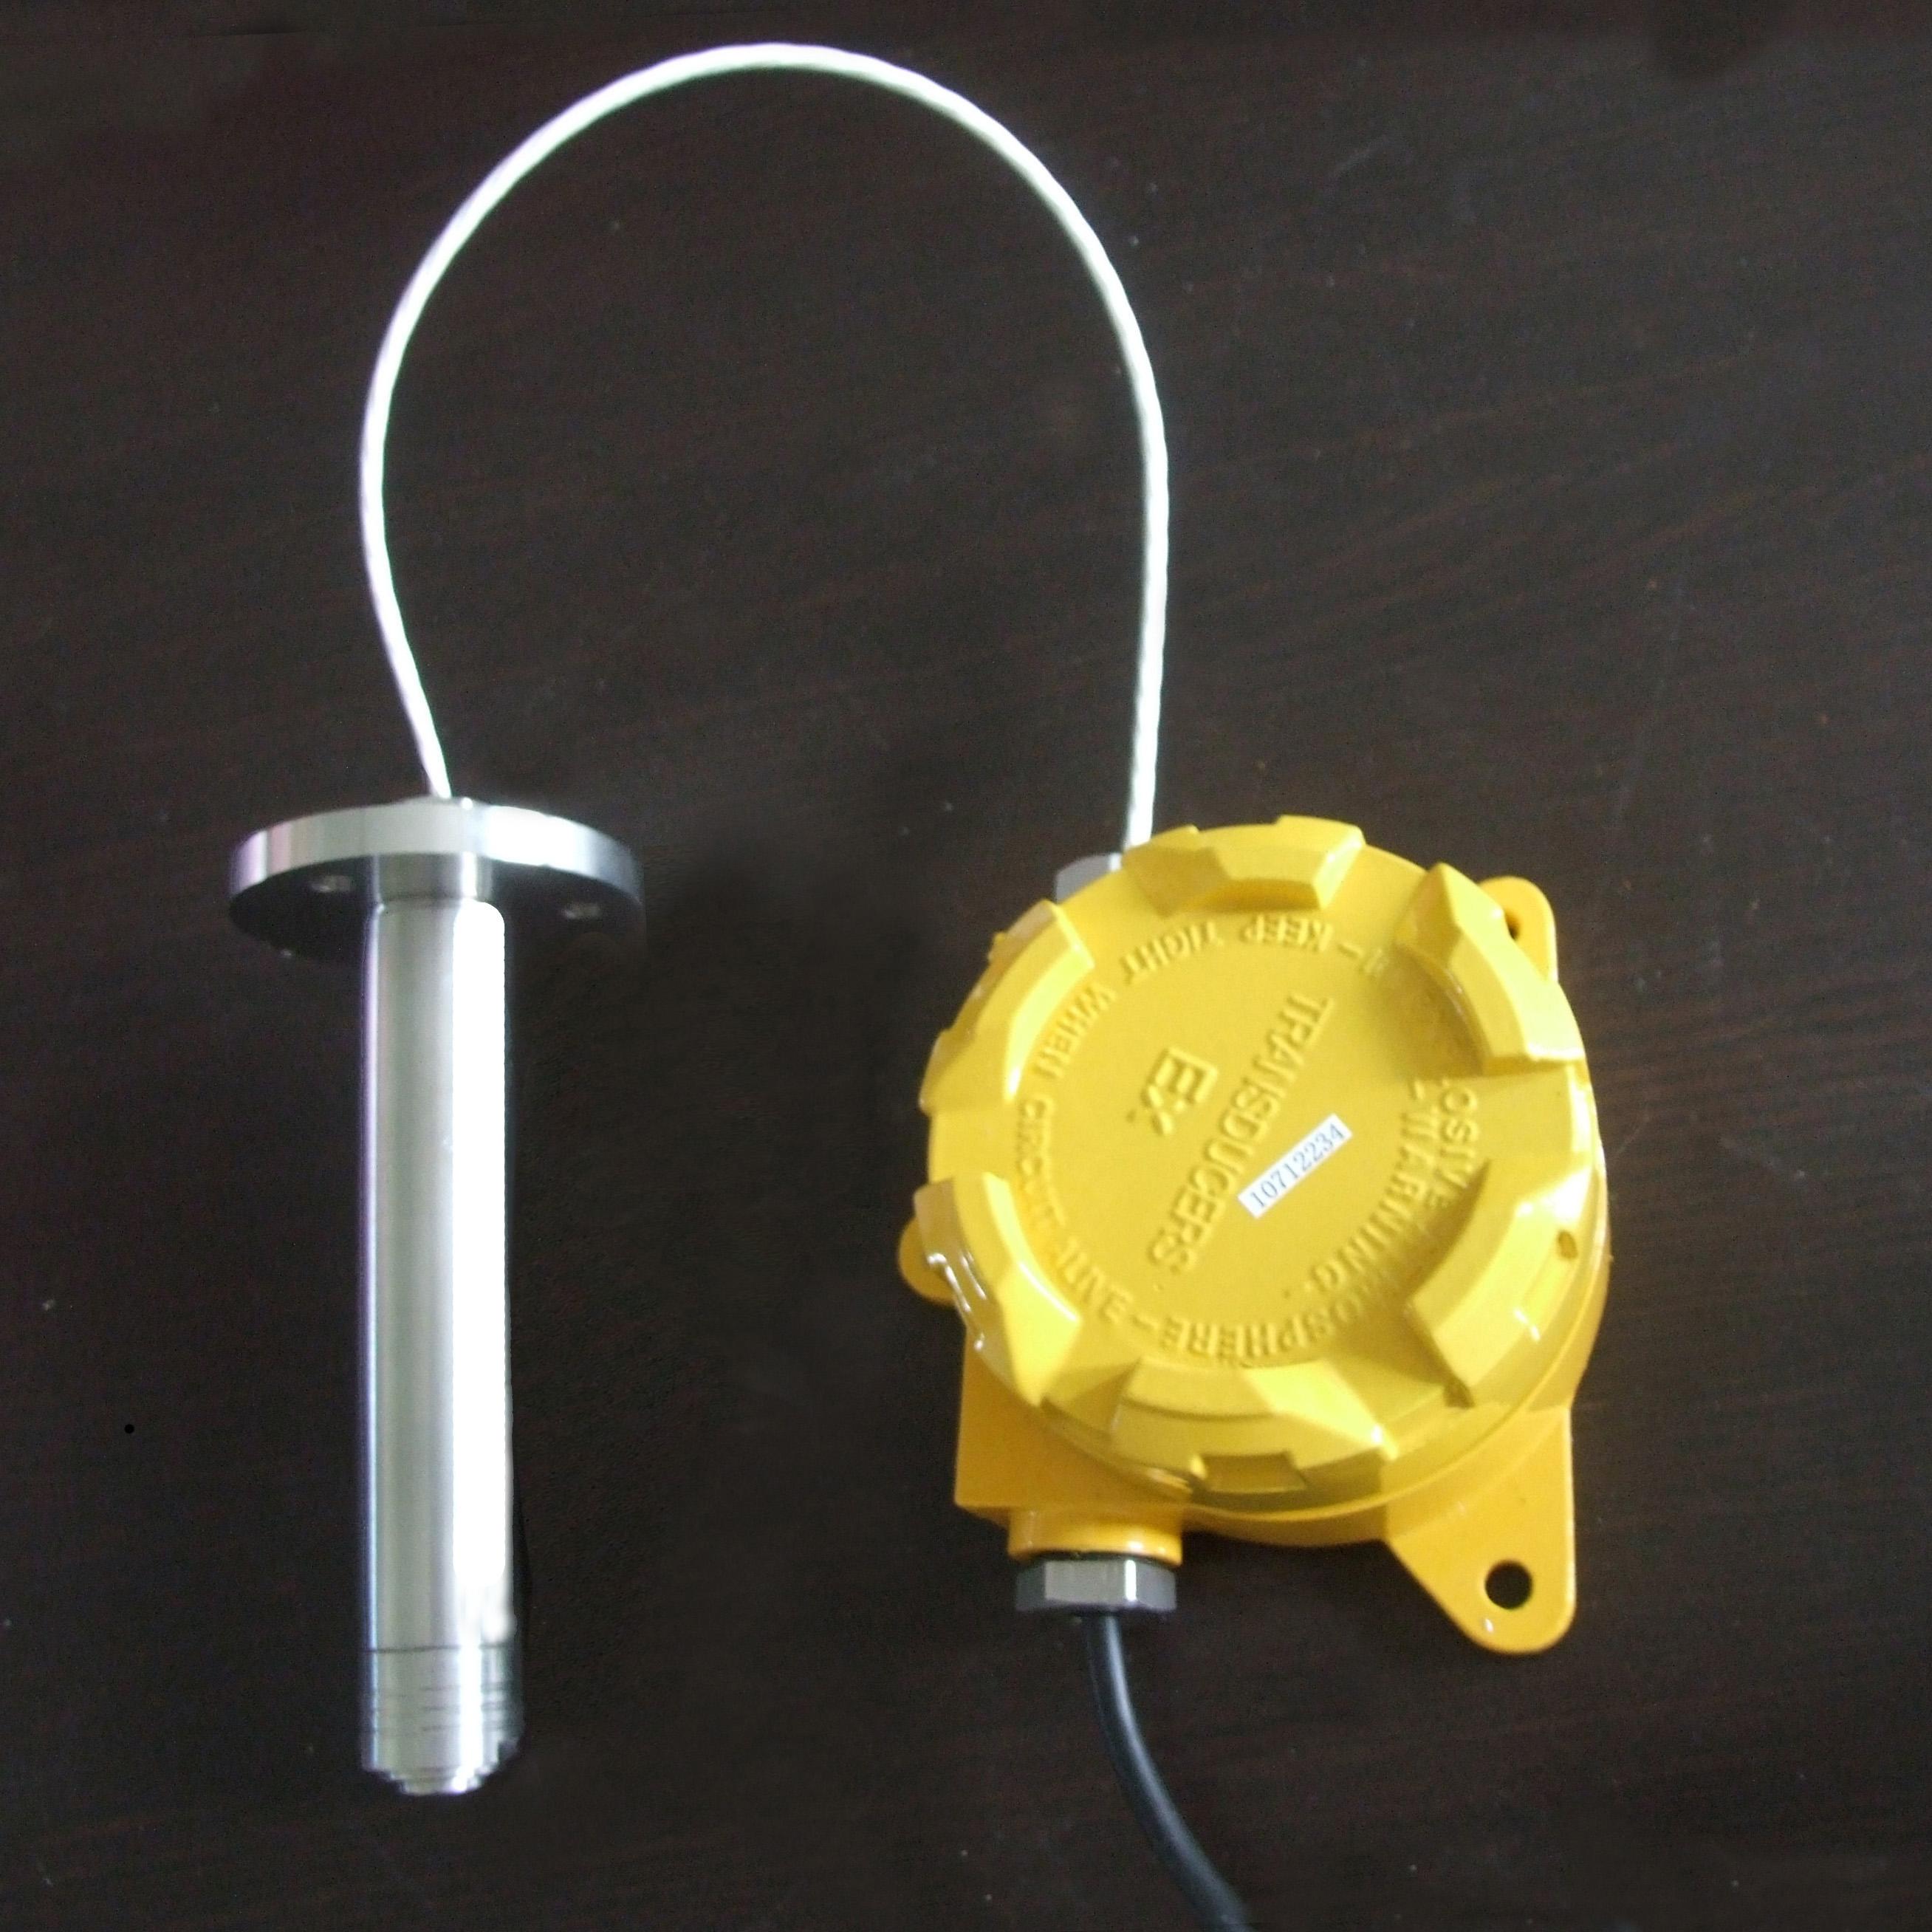 技术指标:   项目 说明 工作原理 催化燃烧 检测气体 可燃性